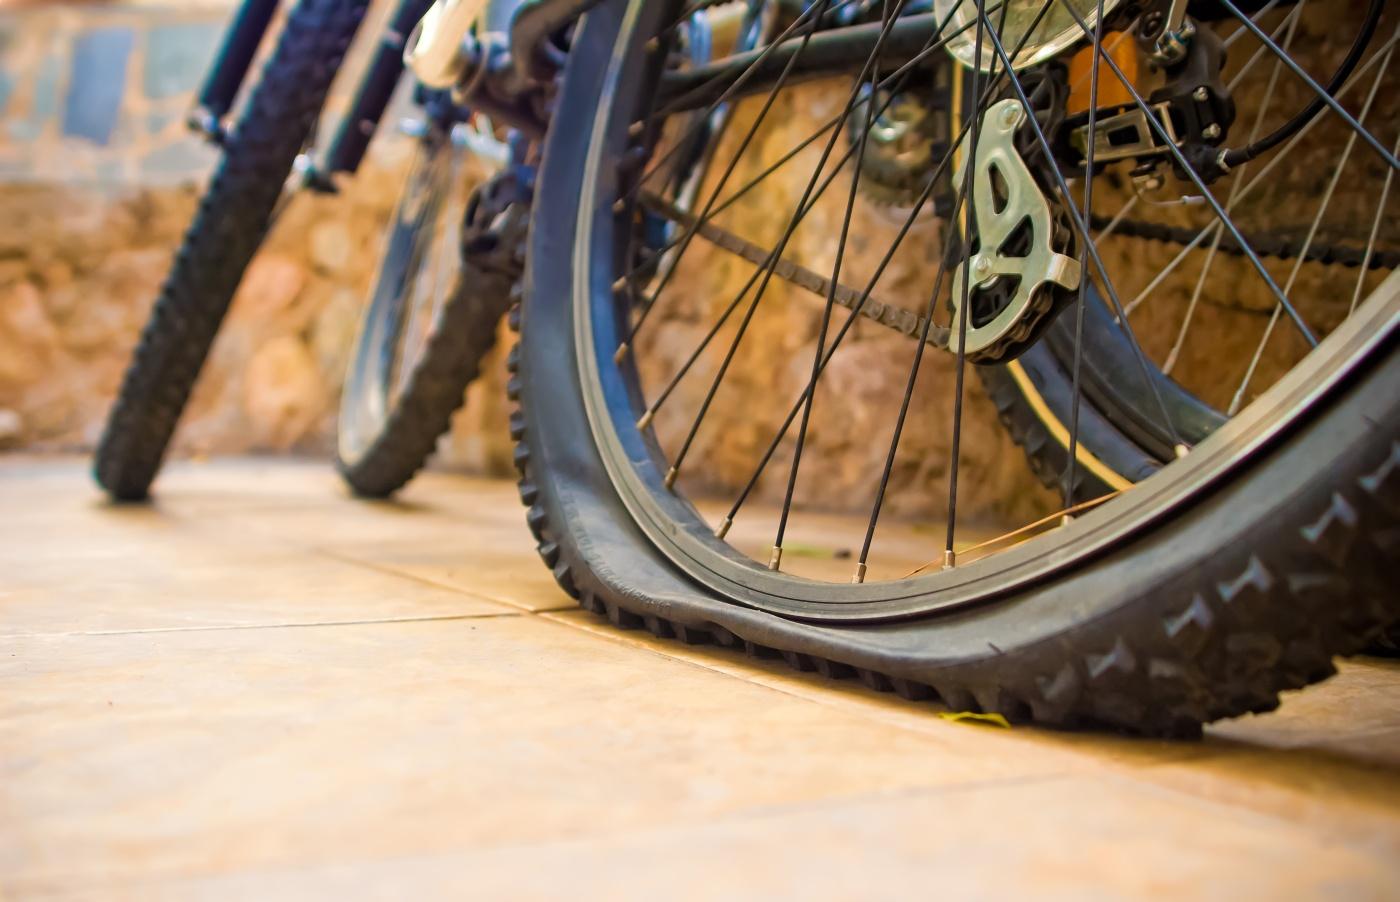 Gume izgube pritisak nakon nekog vremena, ali potpuno prazna guma prije vožnje znači da je treba zamijeniti ili pokrpati